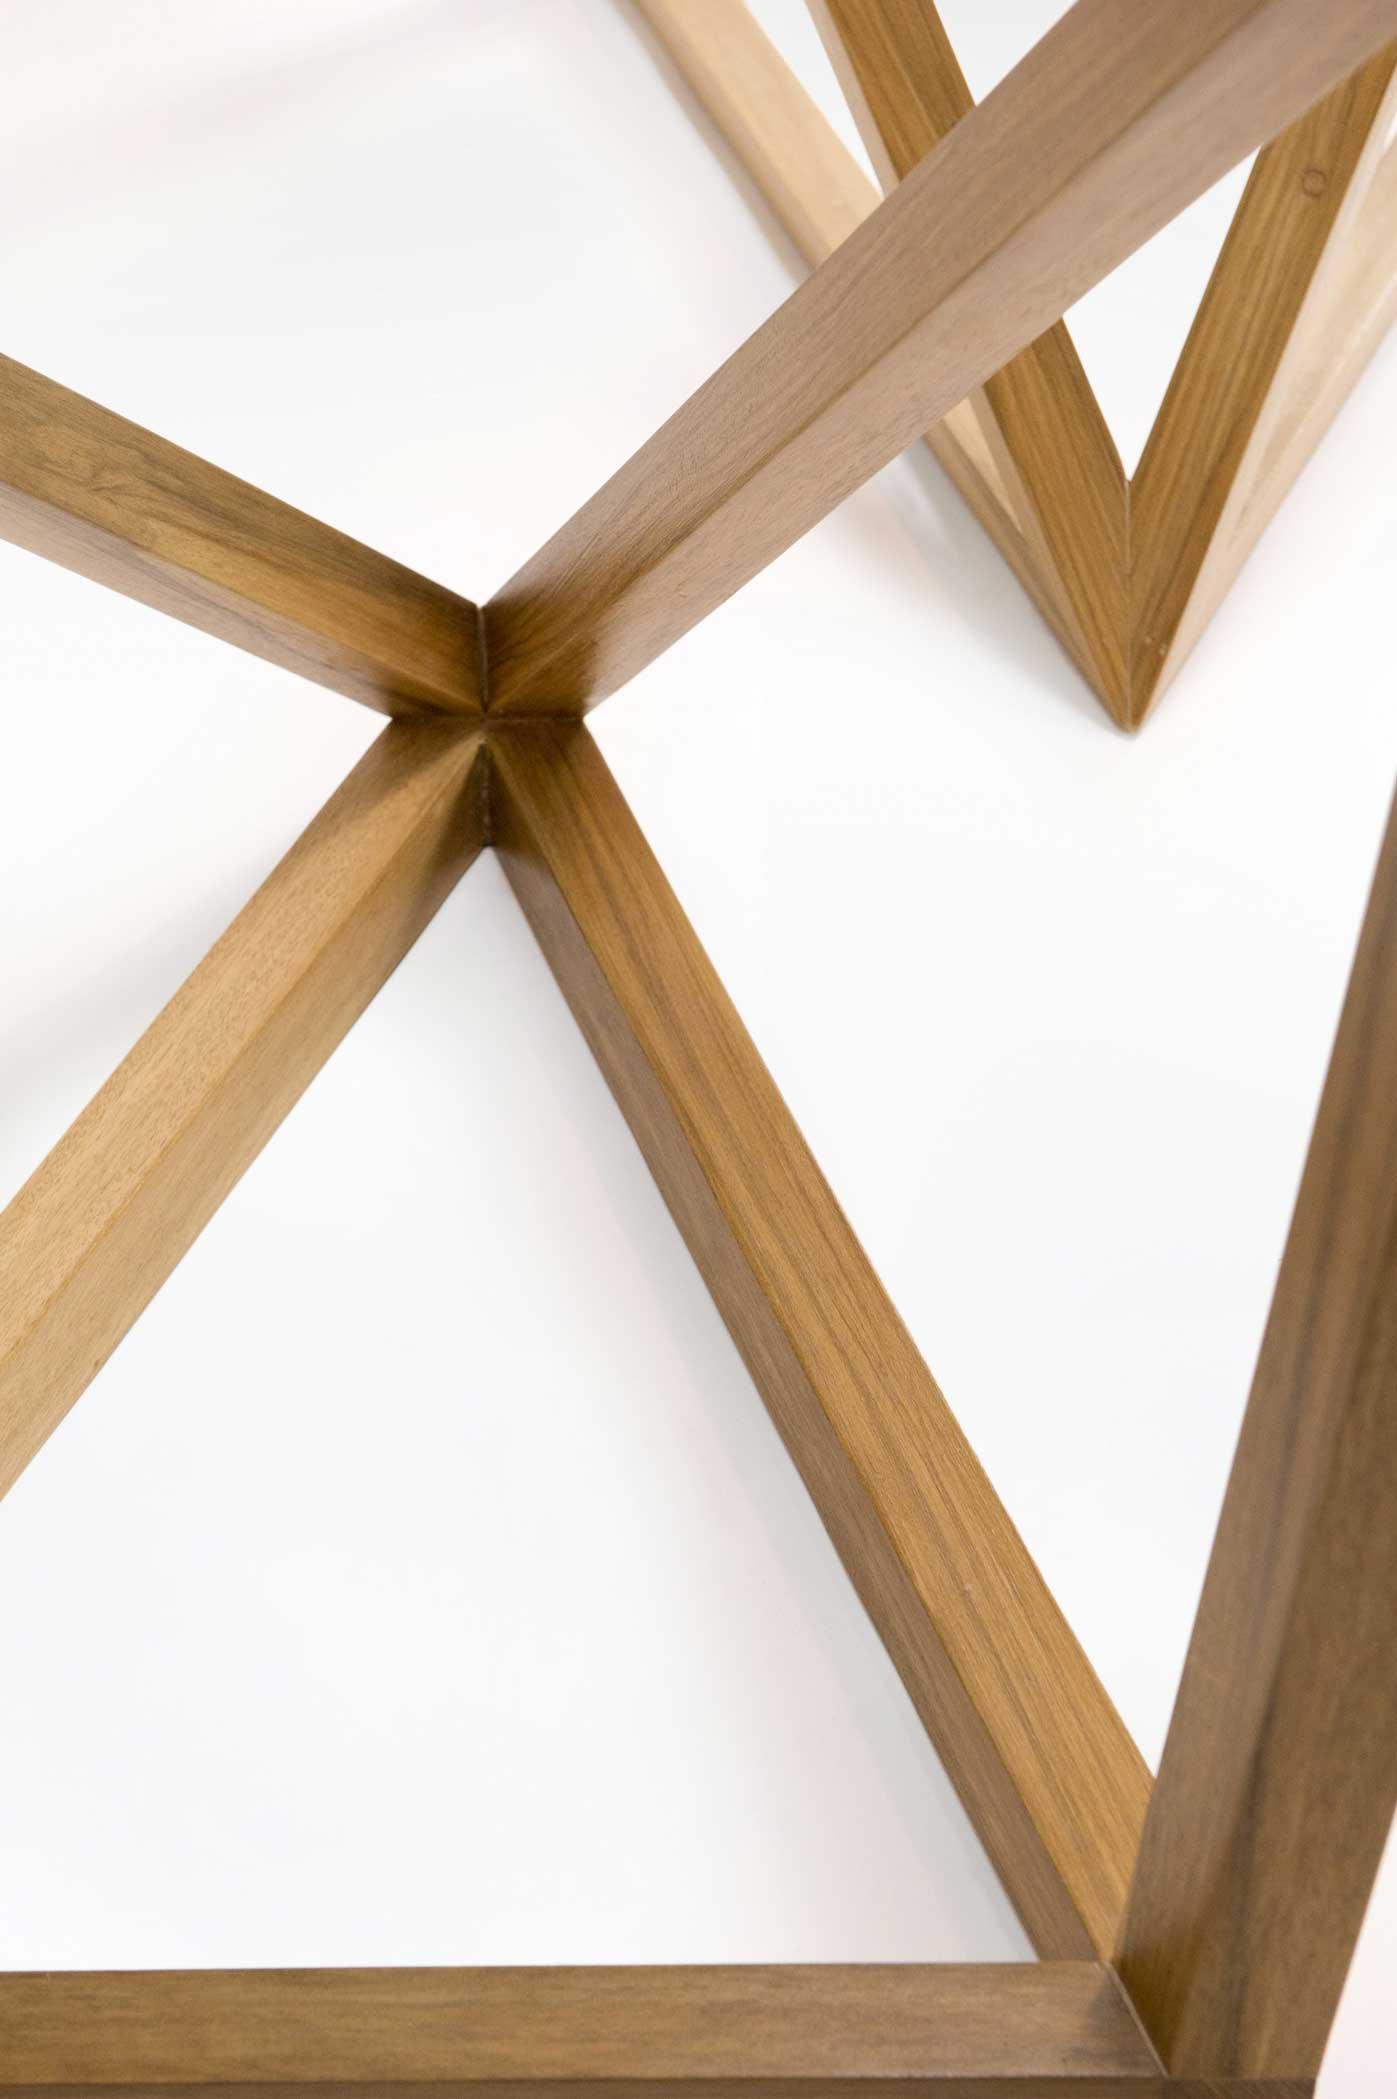 Tavolo artigianale in legno nuovo e legno antico